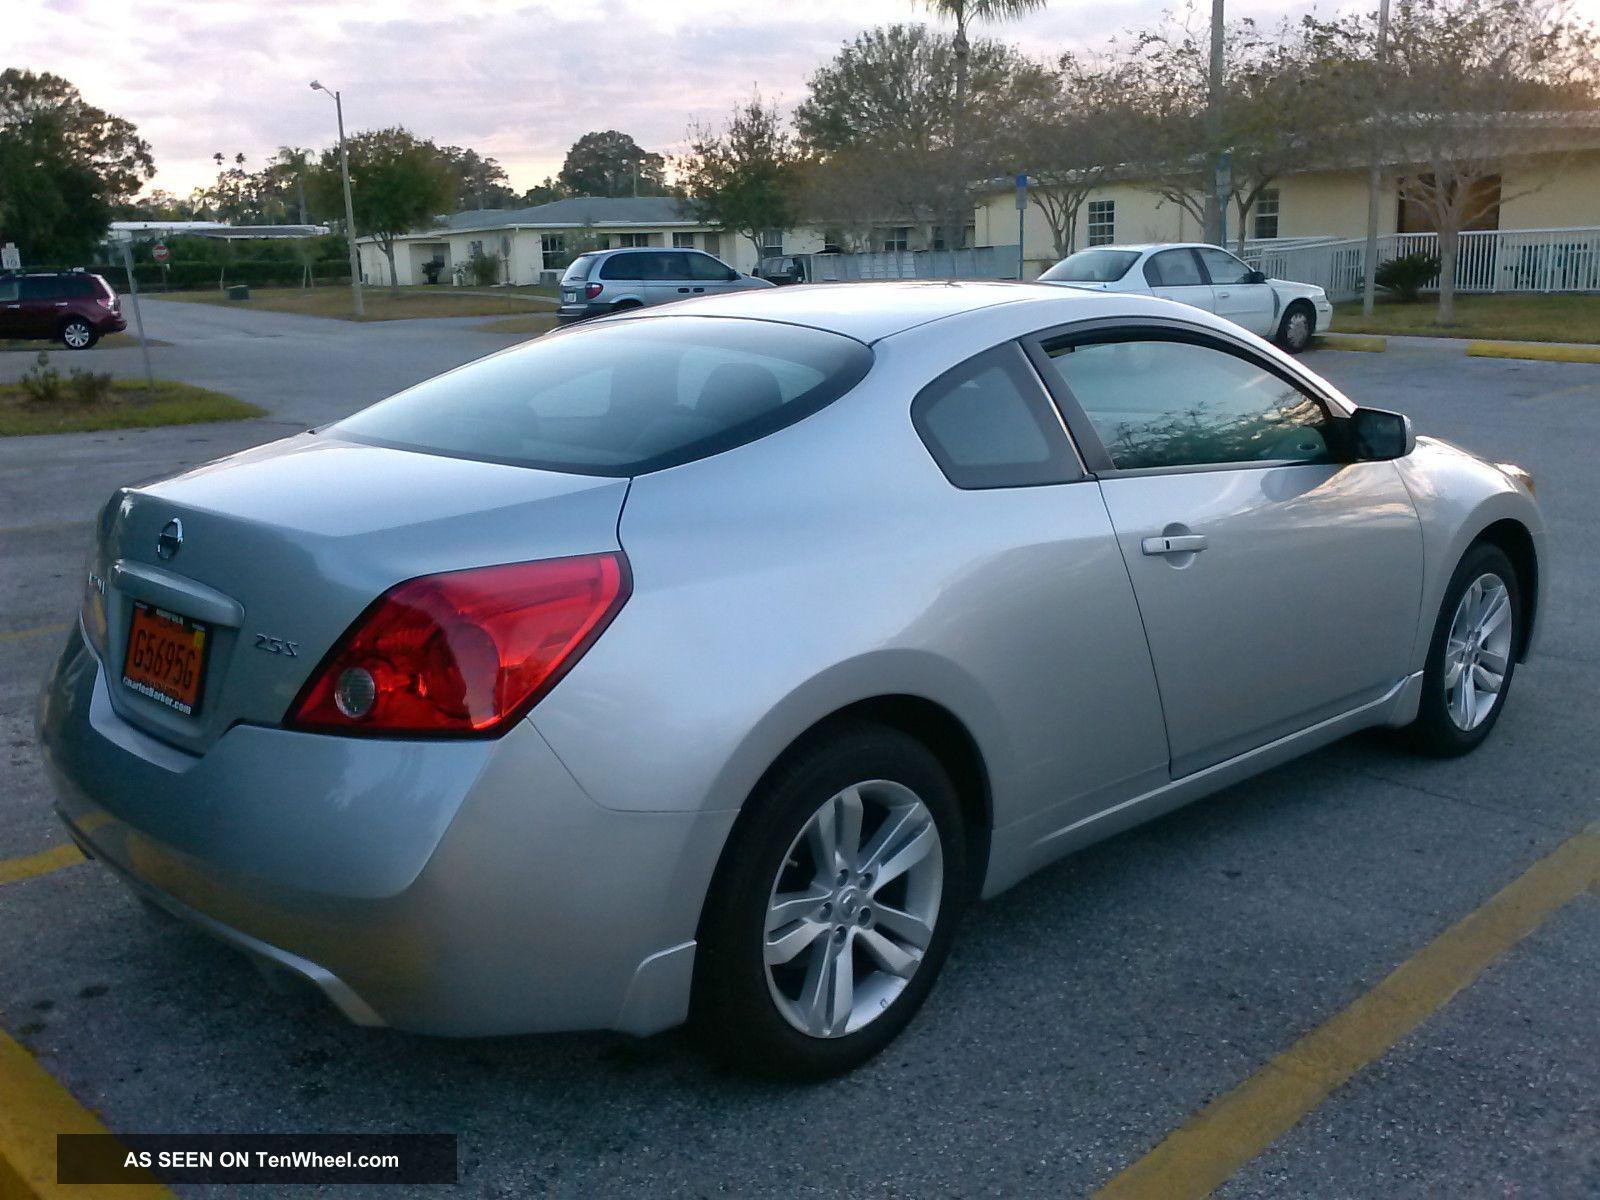 2011 Nissan Altima S Coupe 2 Door 2 5l